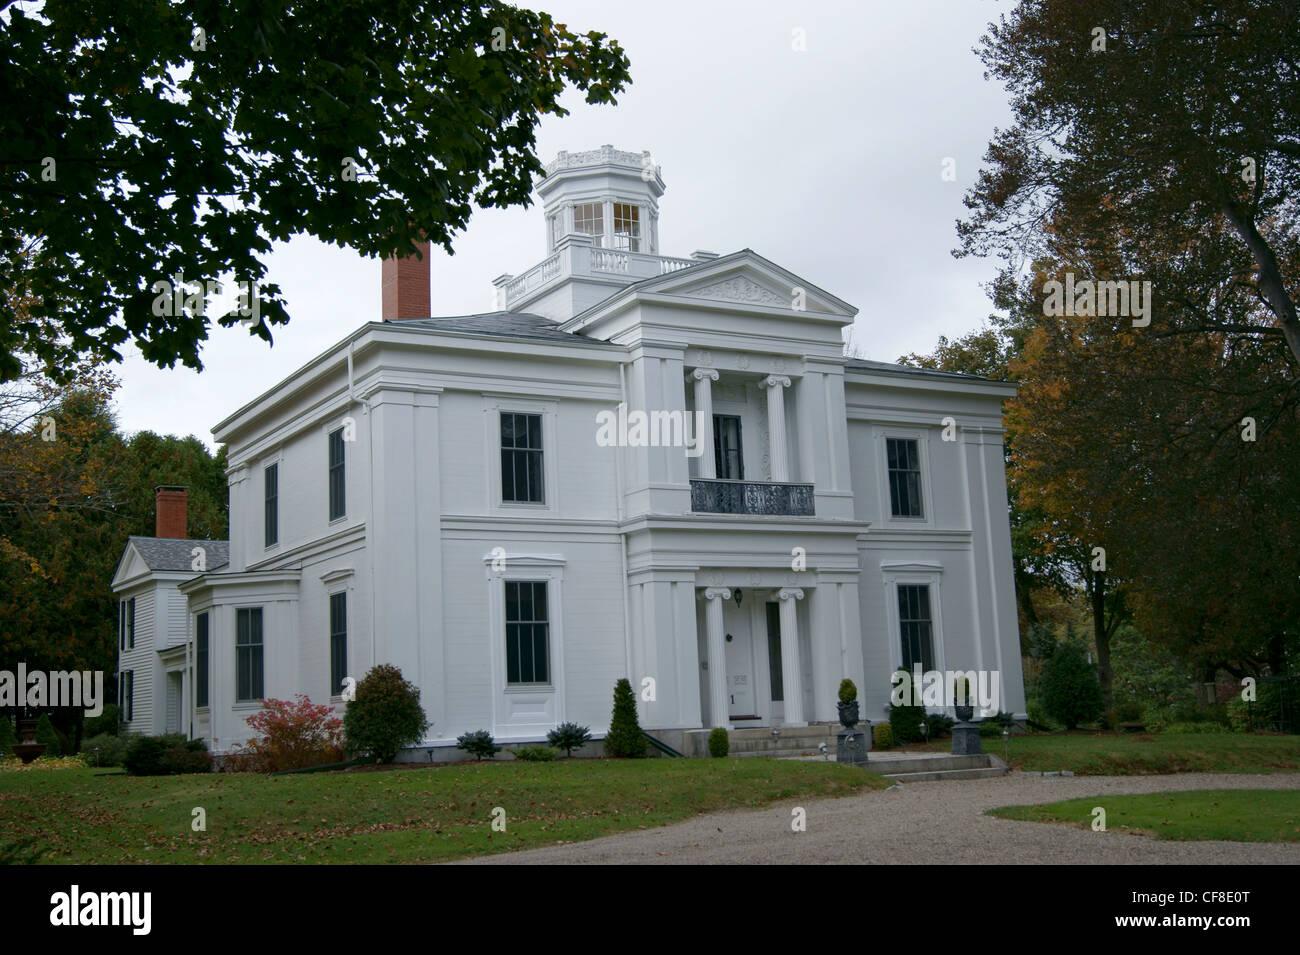 The White House Inn Greek Revival House